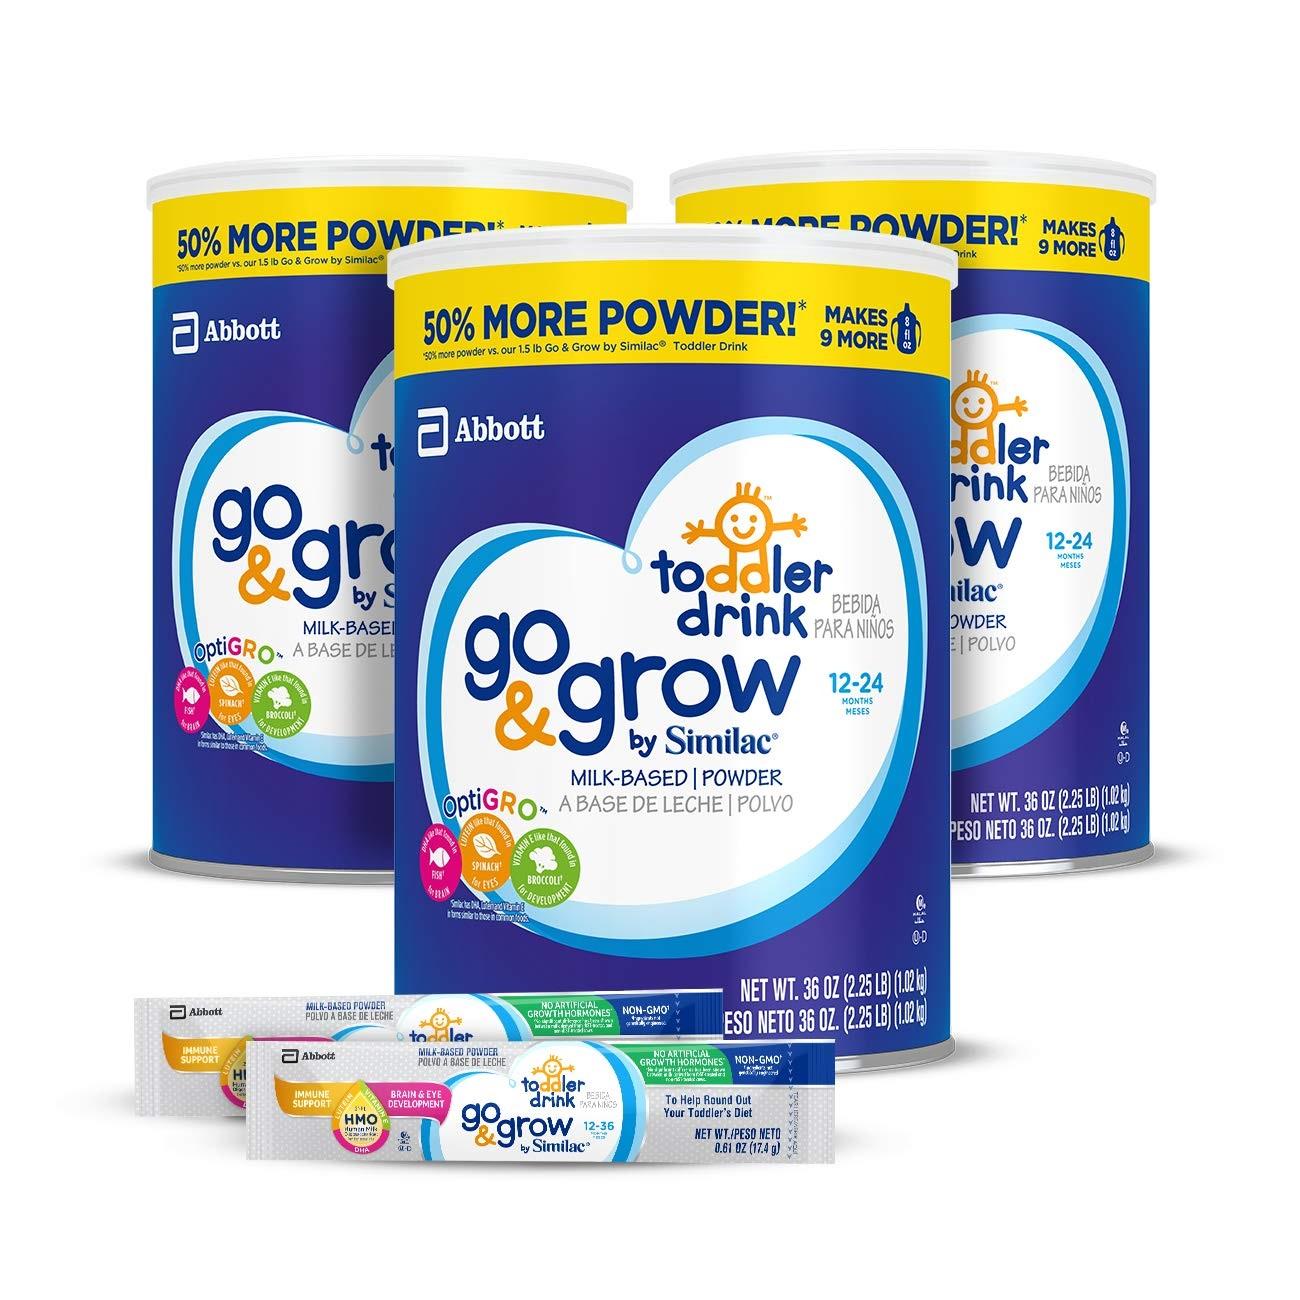 【中亞Prime會員】Similac 雅培 Go&Grow 金盾嬰幼兒寶寶3段奶粉 1020g*3罐 附贈奶粉便攜裝17.4g*2條